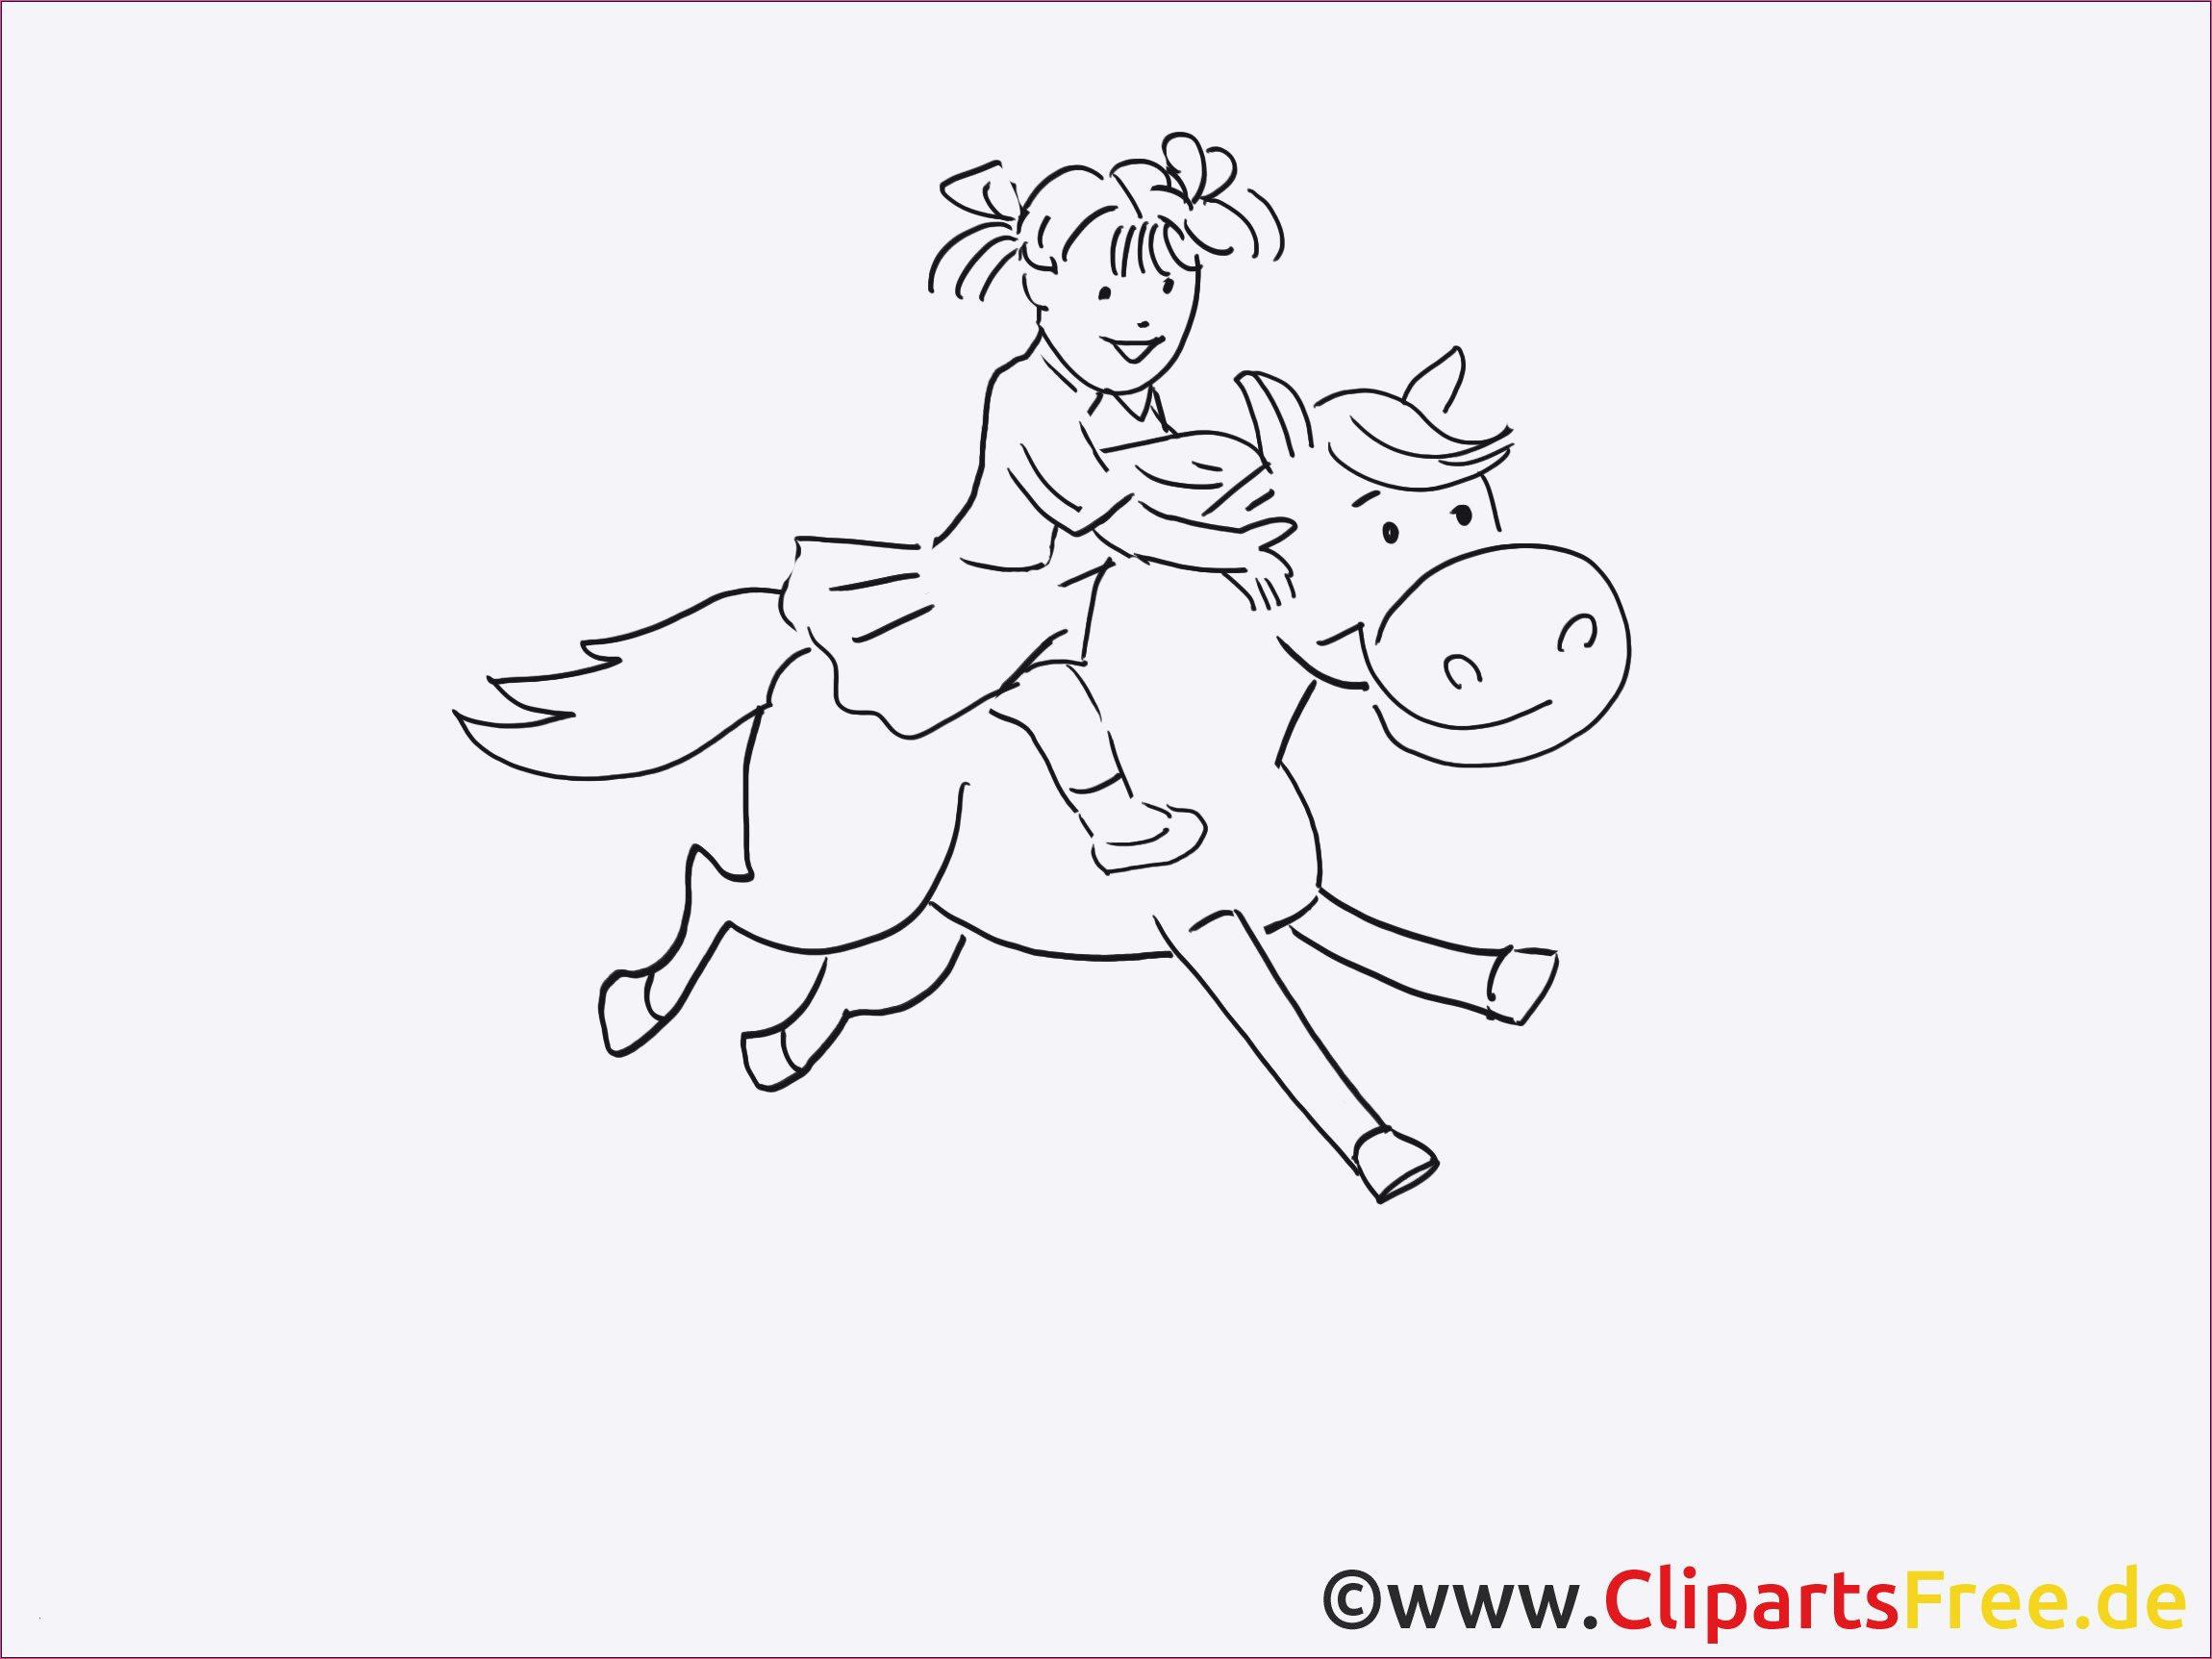 Pferde Ausmalbilder Zum Drucken Neu Malvorlagen Igel Best Igel Grundschule 0d Archives Uploadertalk Bilder